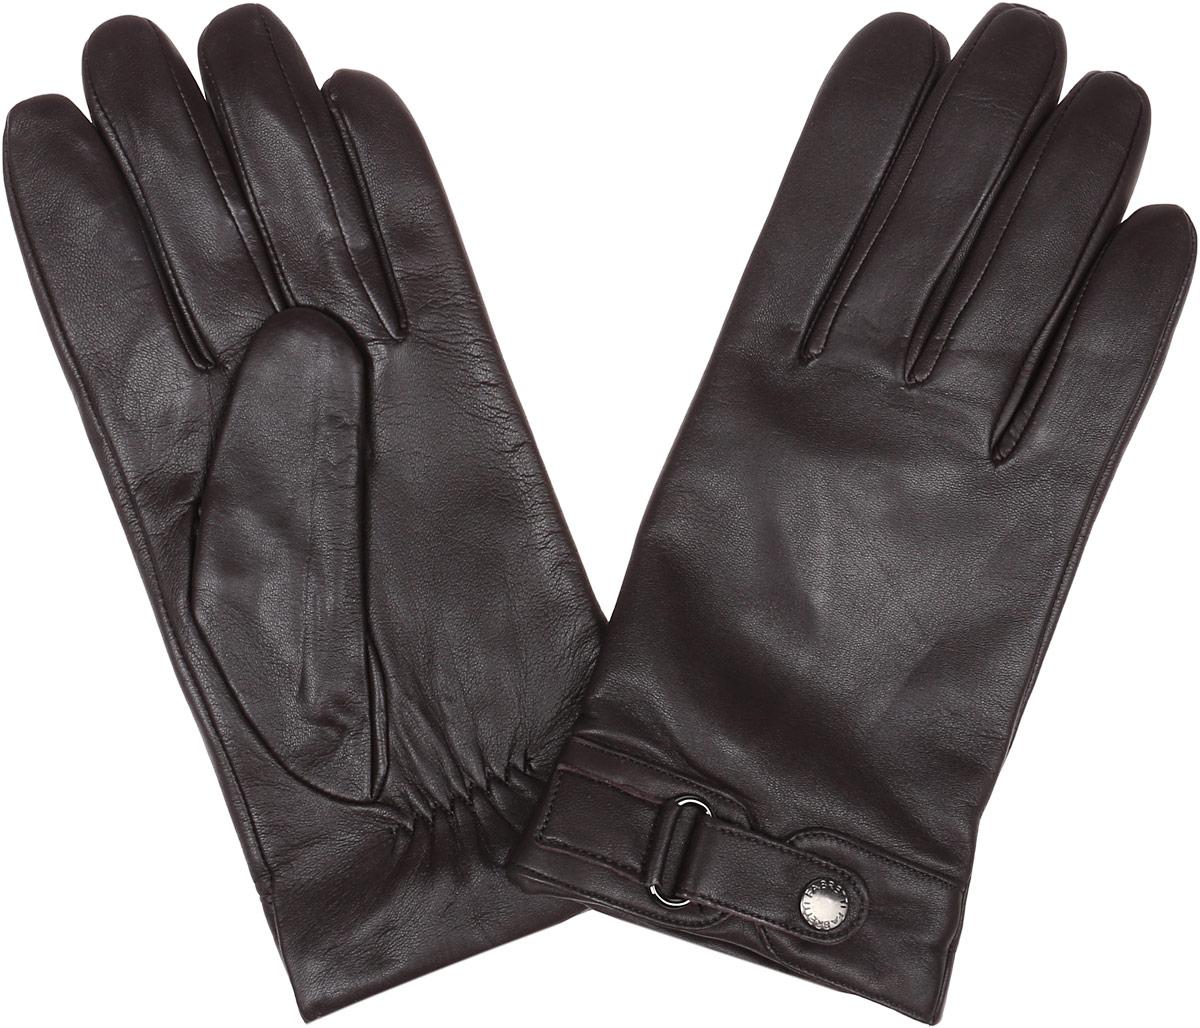 Перчатки12.51-2 chocolateСтильные мужские перчатки Fabretti не только защитят ваши руки, но и станут великолепным украшением. Перчатки выполнены из натуральной кожи ягненка, а их подкладка - из высококачественной шерсти с добавлением кашемира. Модель дополнена декоративным хлястиком на кнопке. Перчатки имеют строчки- стежки на запястье, которые придают большее удобство при носке. Стильный аксессуар для повседневного образа.